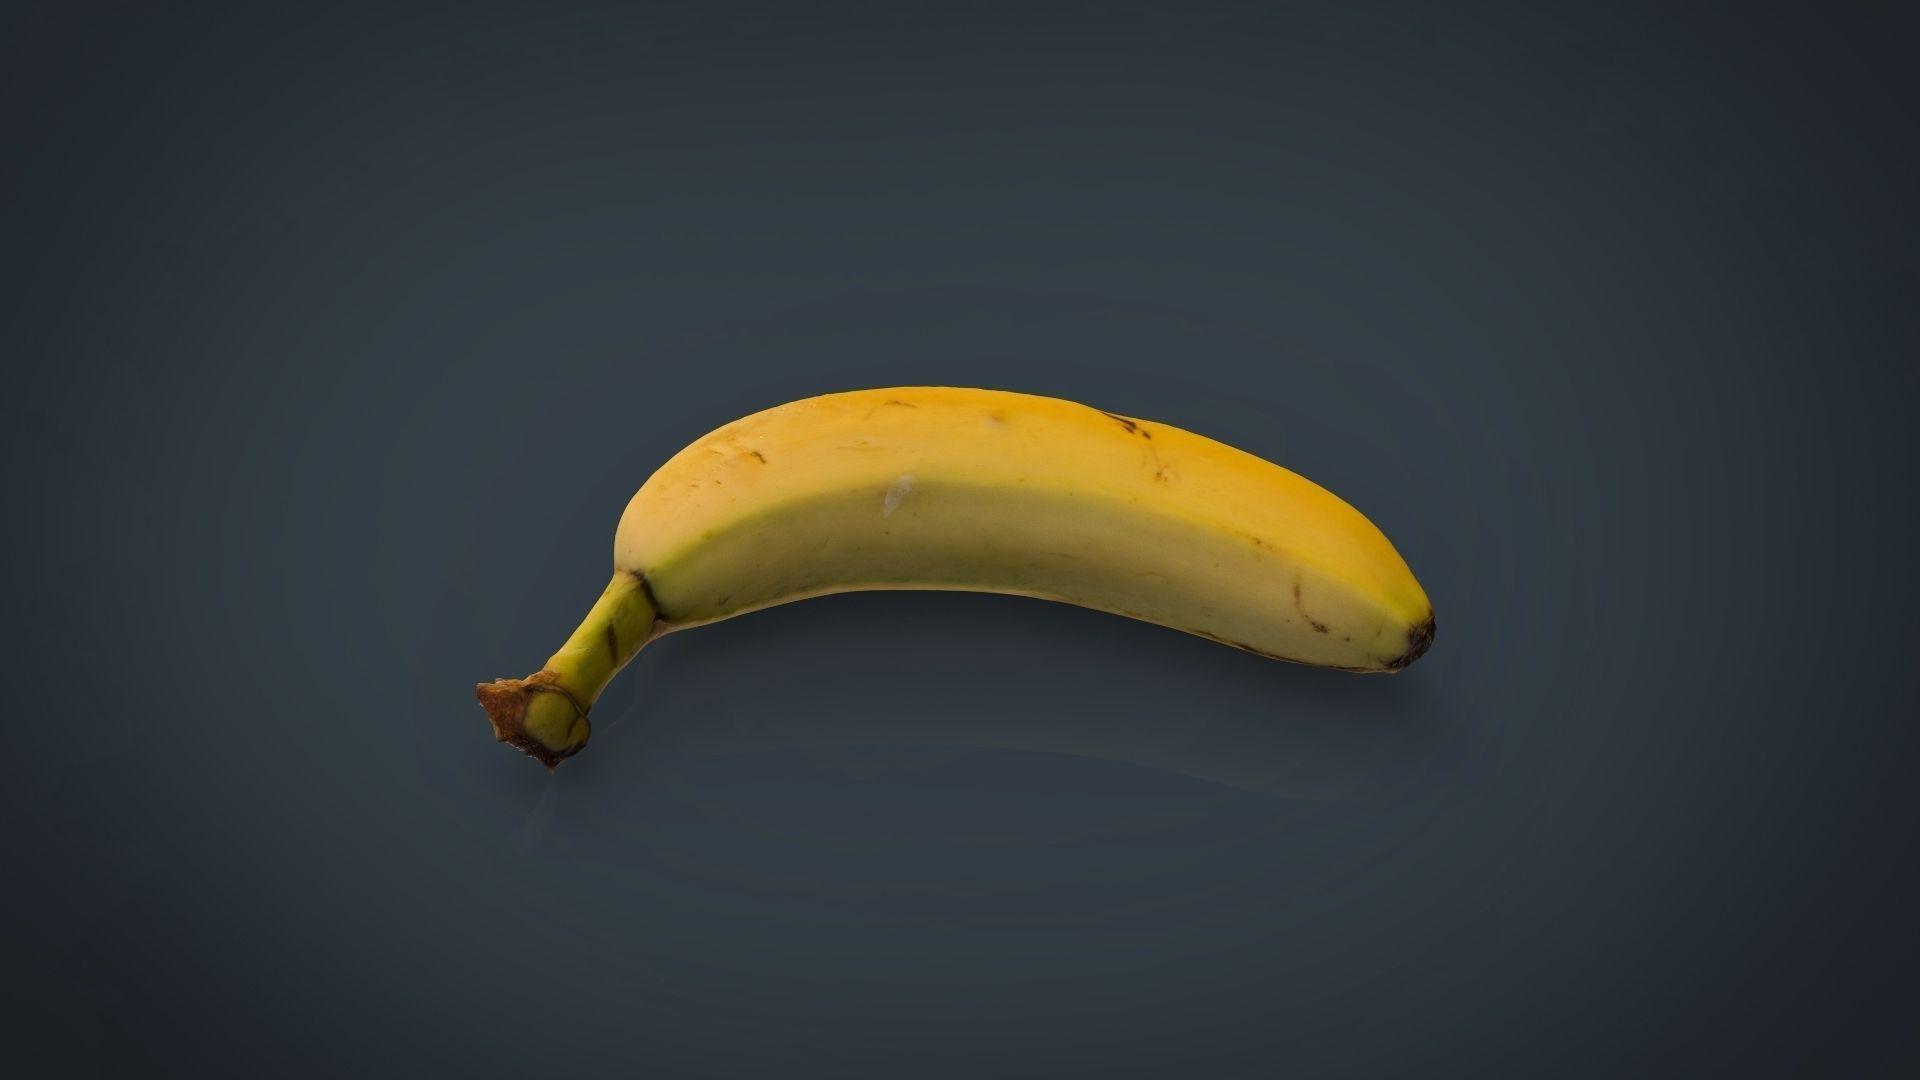 banana peel - skinning the mass